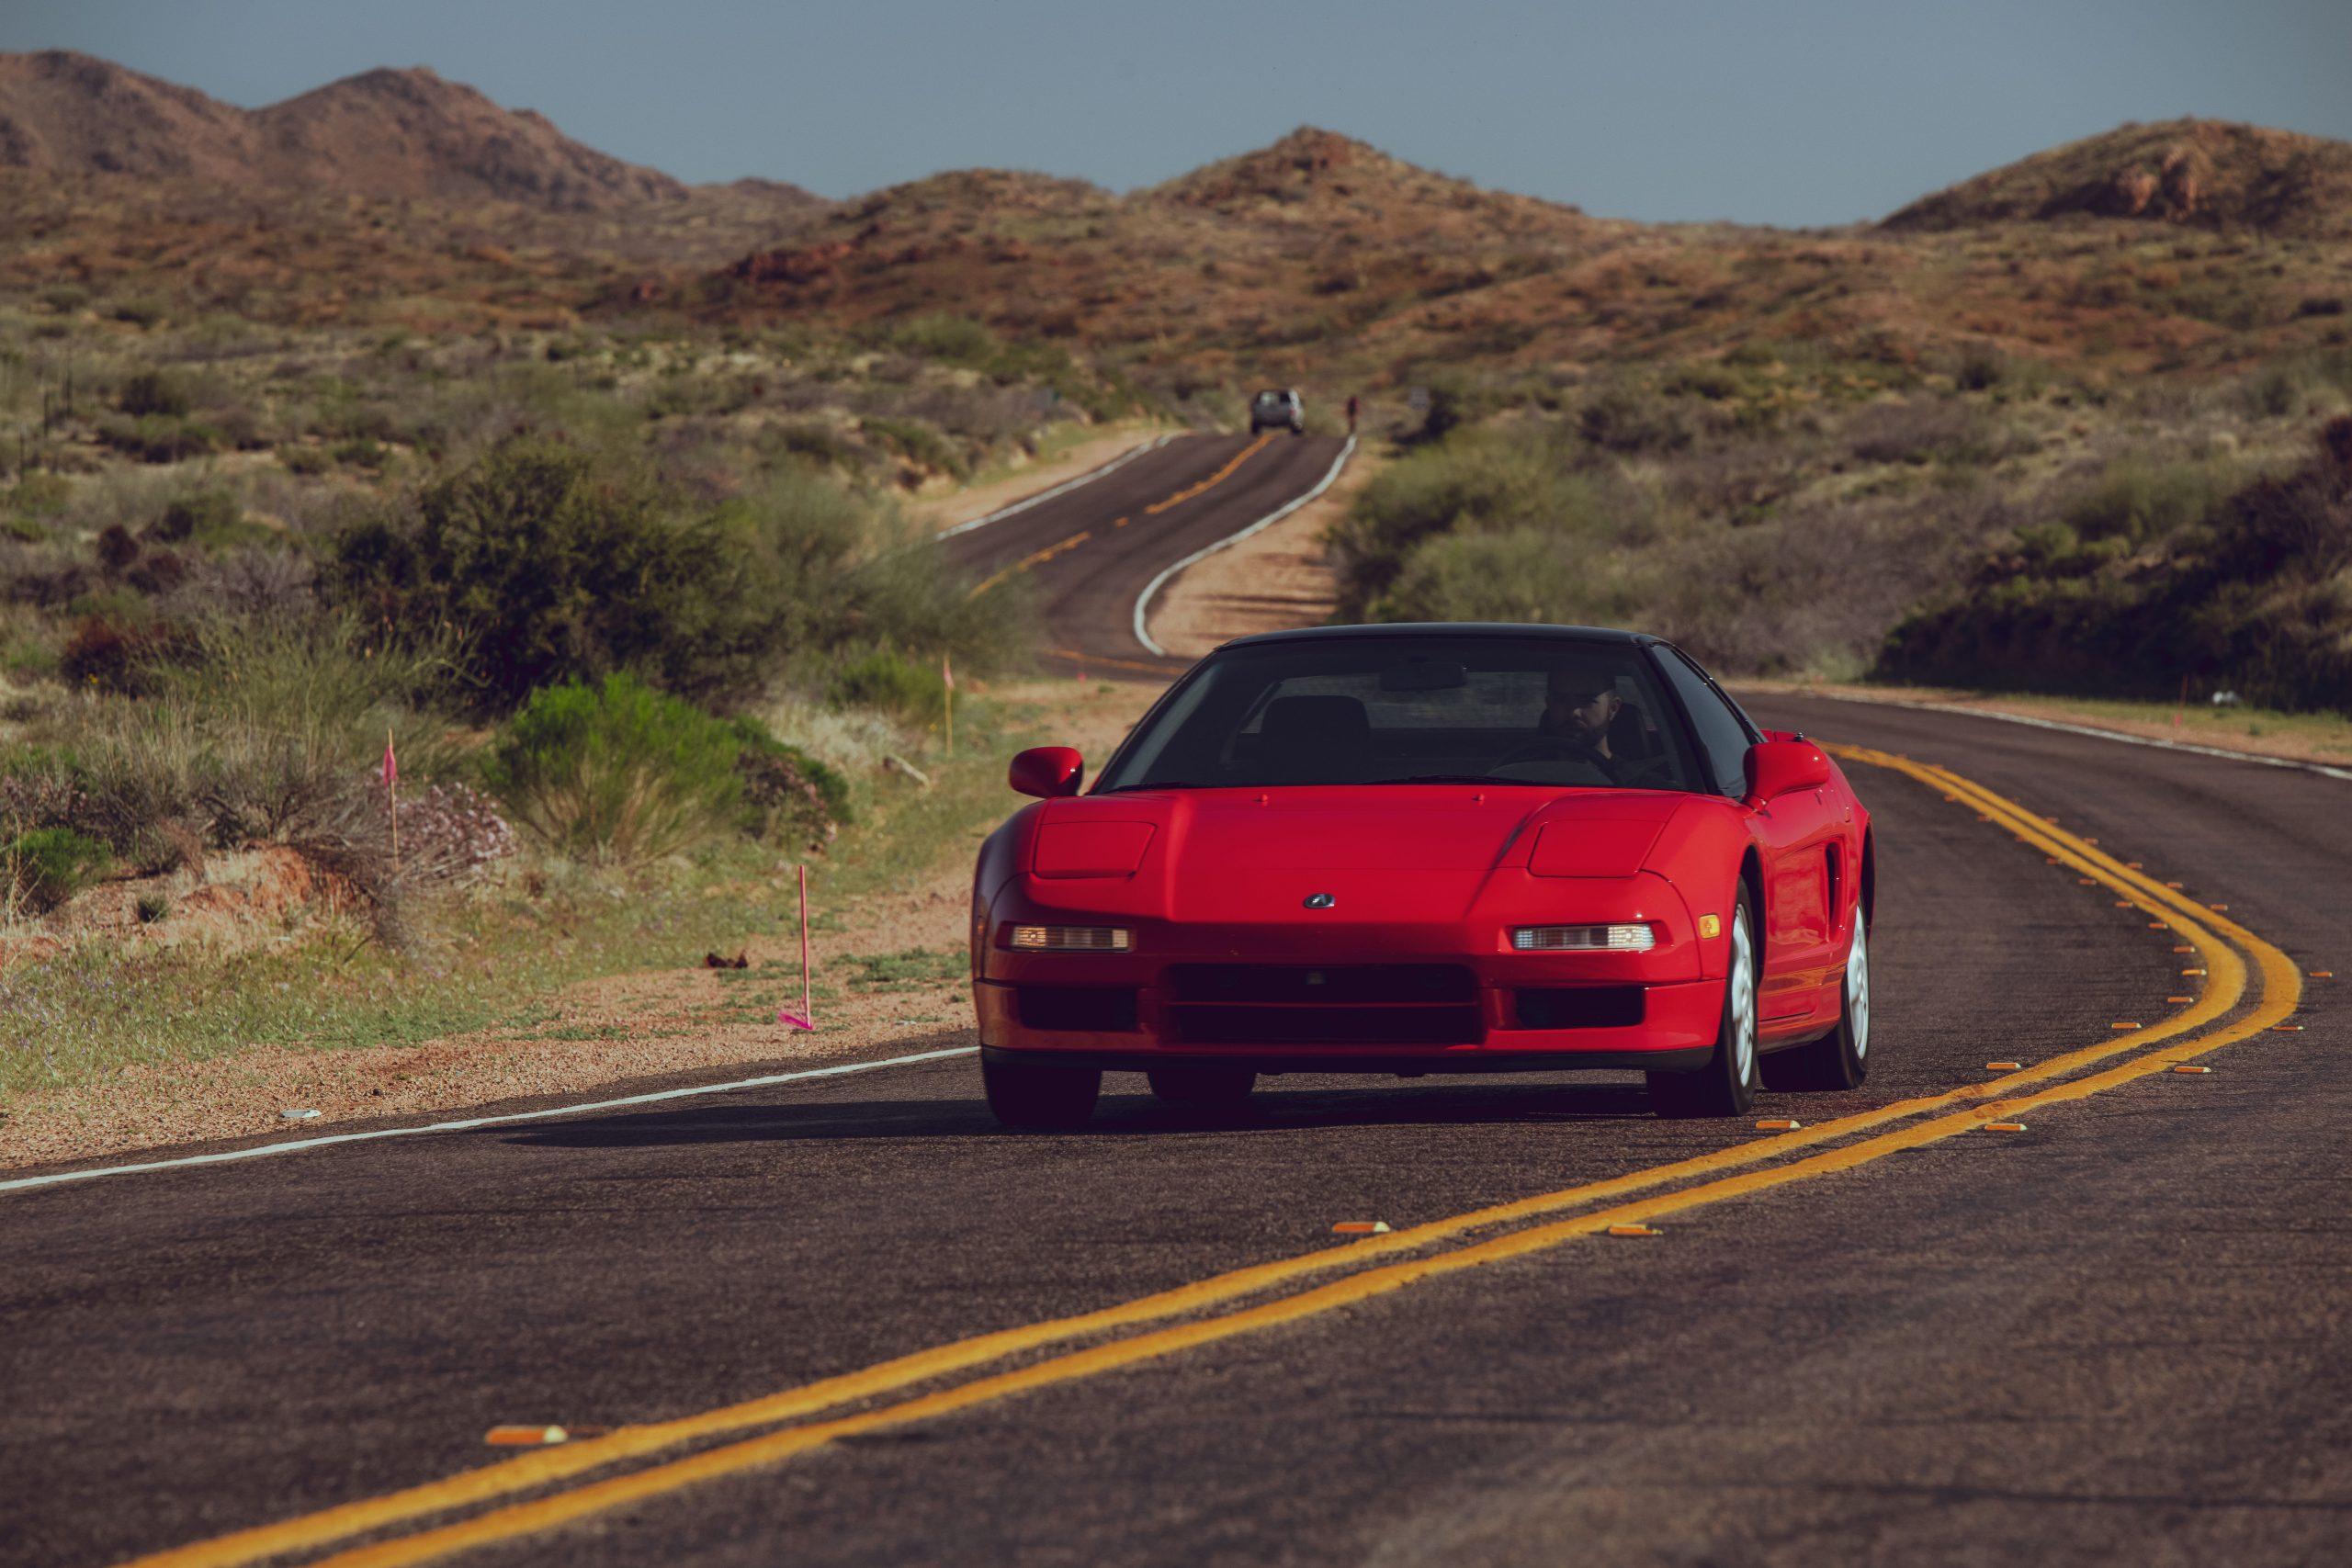 Tyson Hugie's 1992 Acura NSX